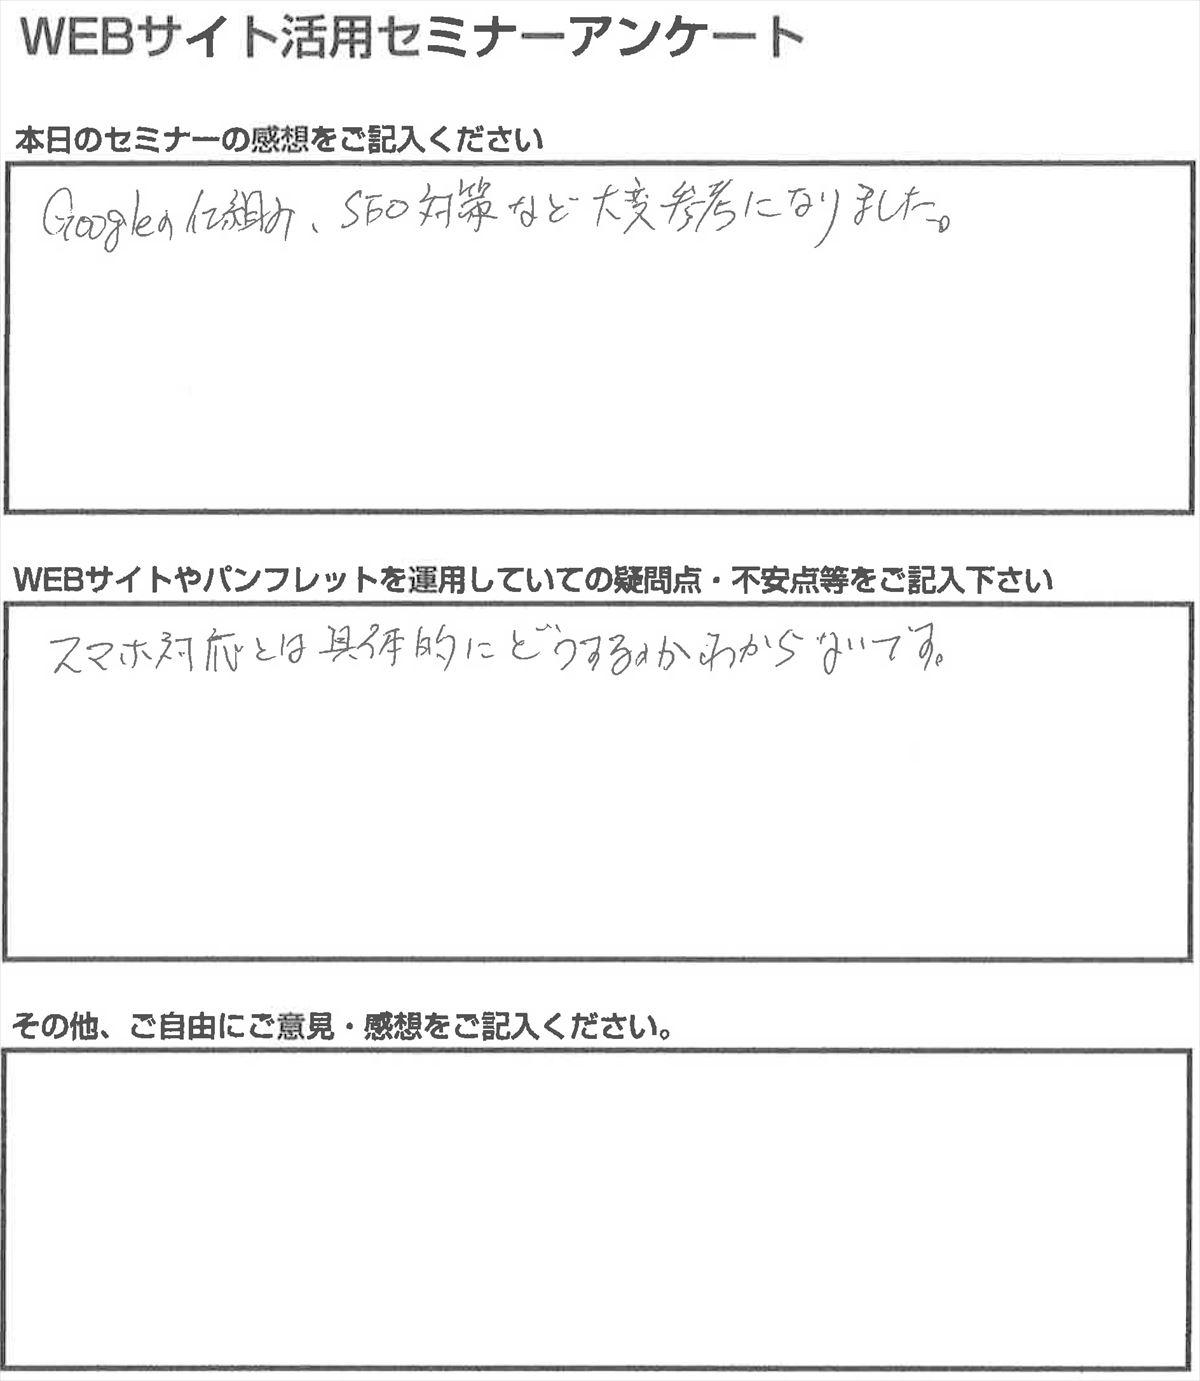 つくばでのWEB活用セミナーアンケート2